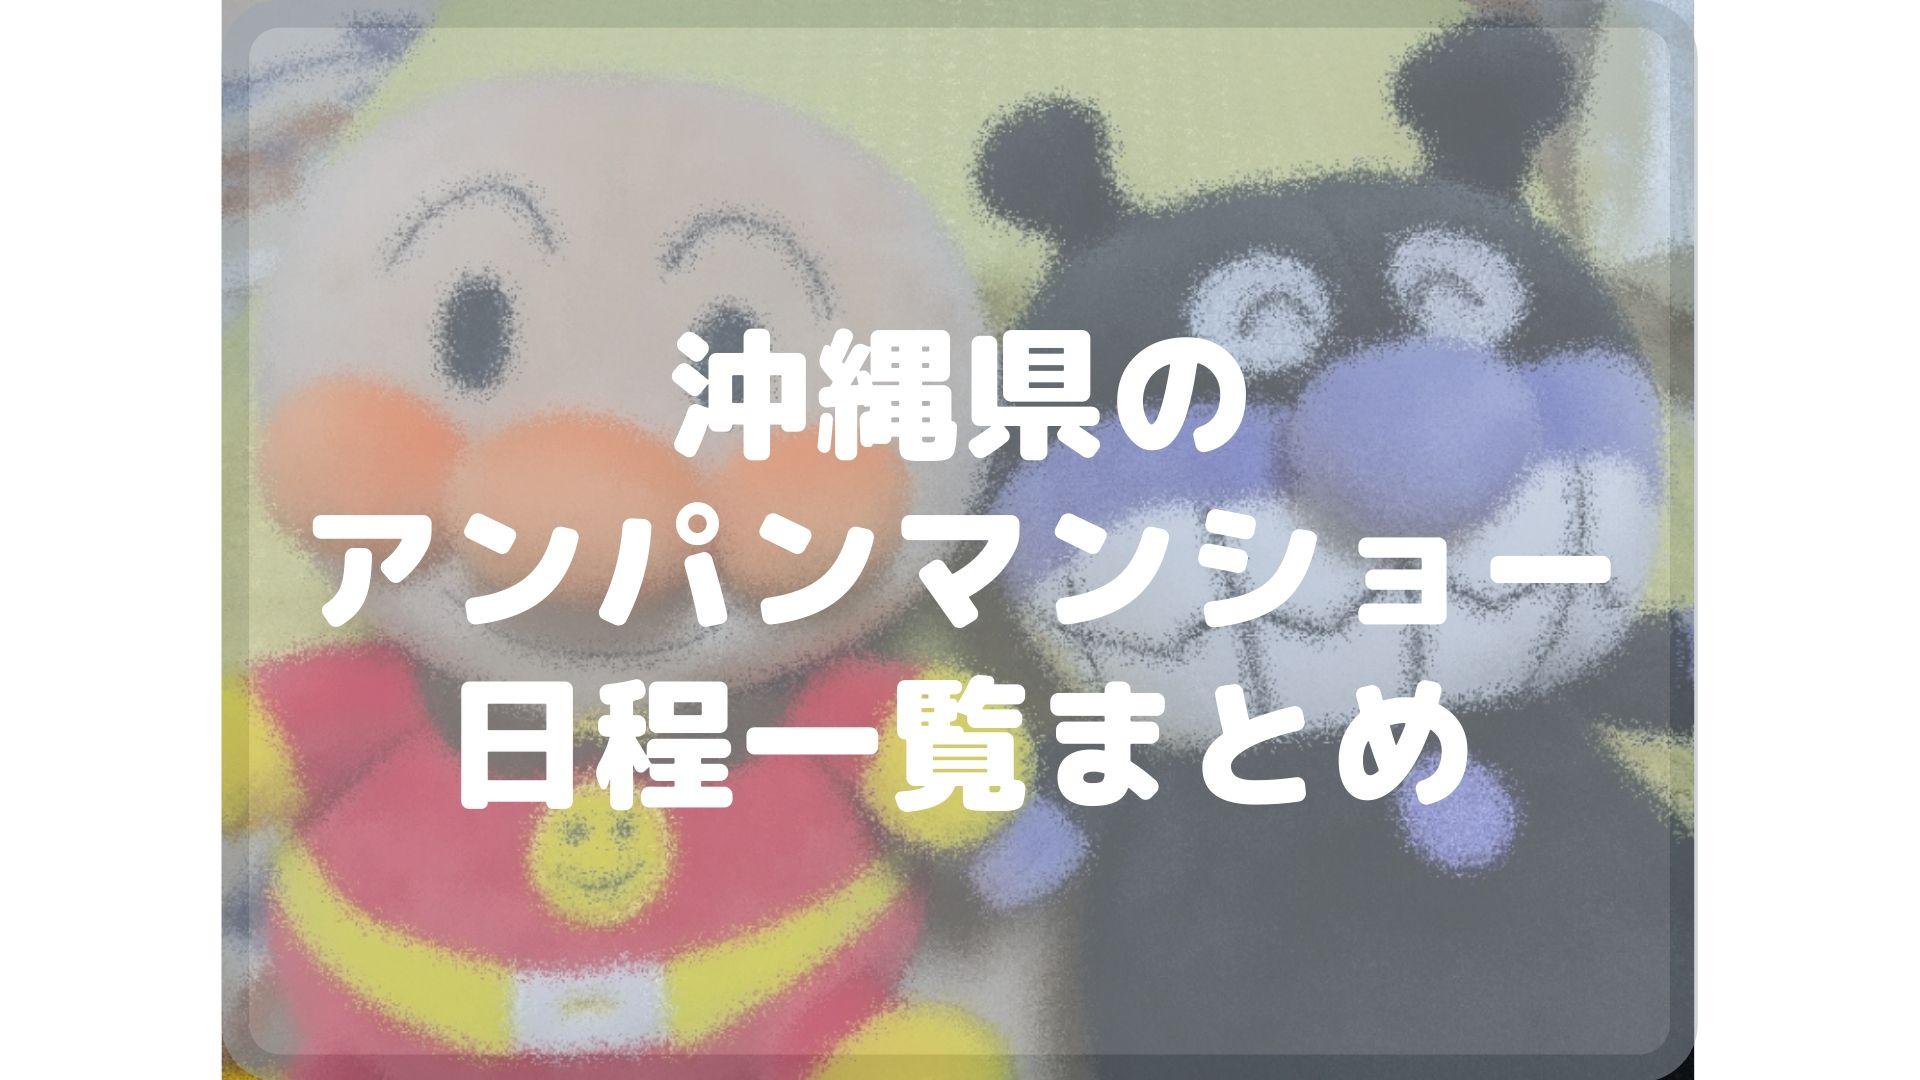 沖縄県のアンパンマンショーまとめタイトル画像